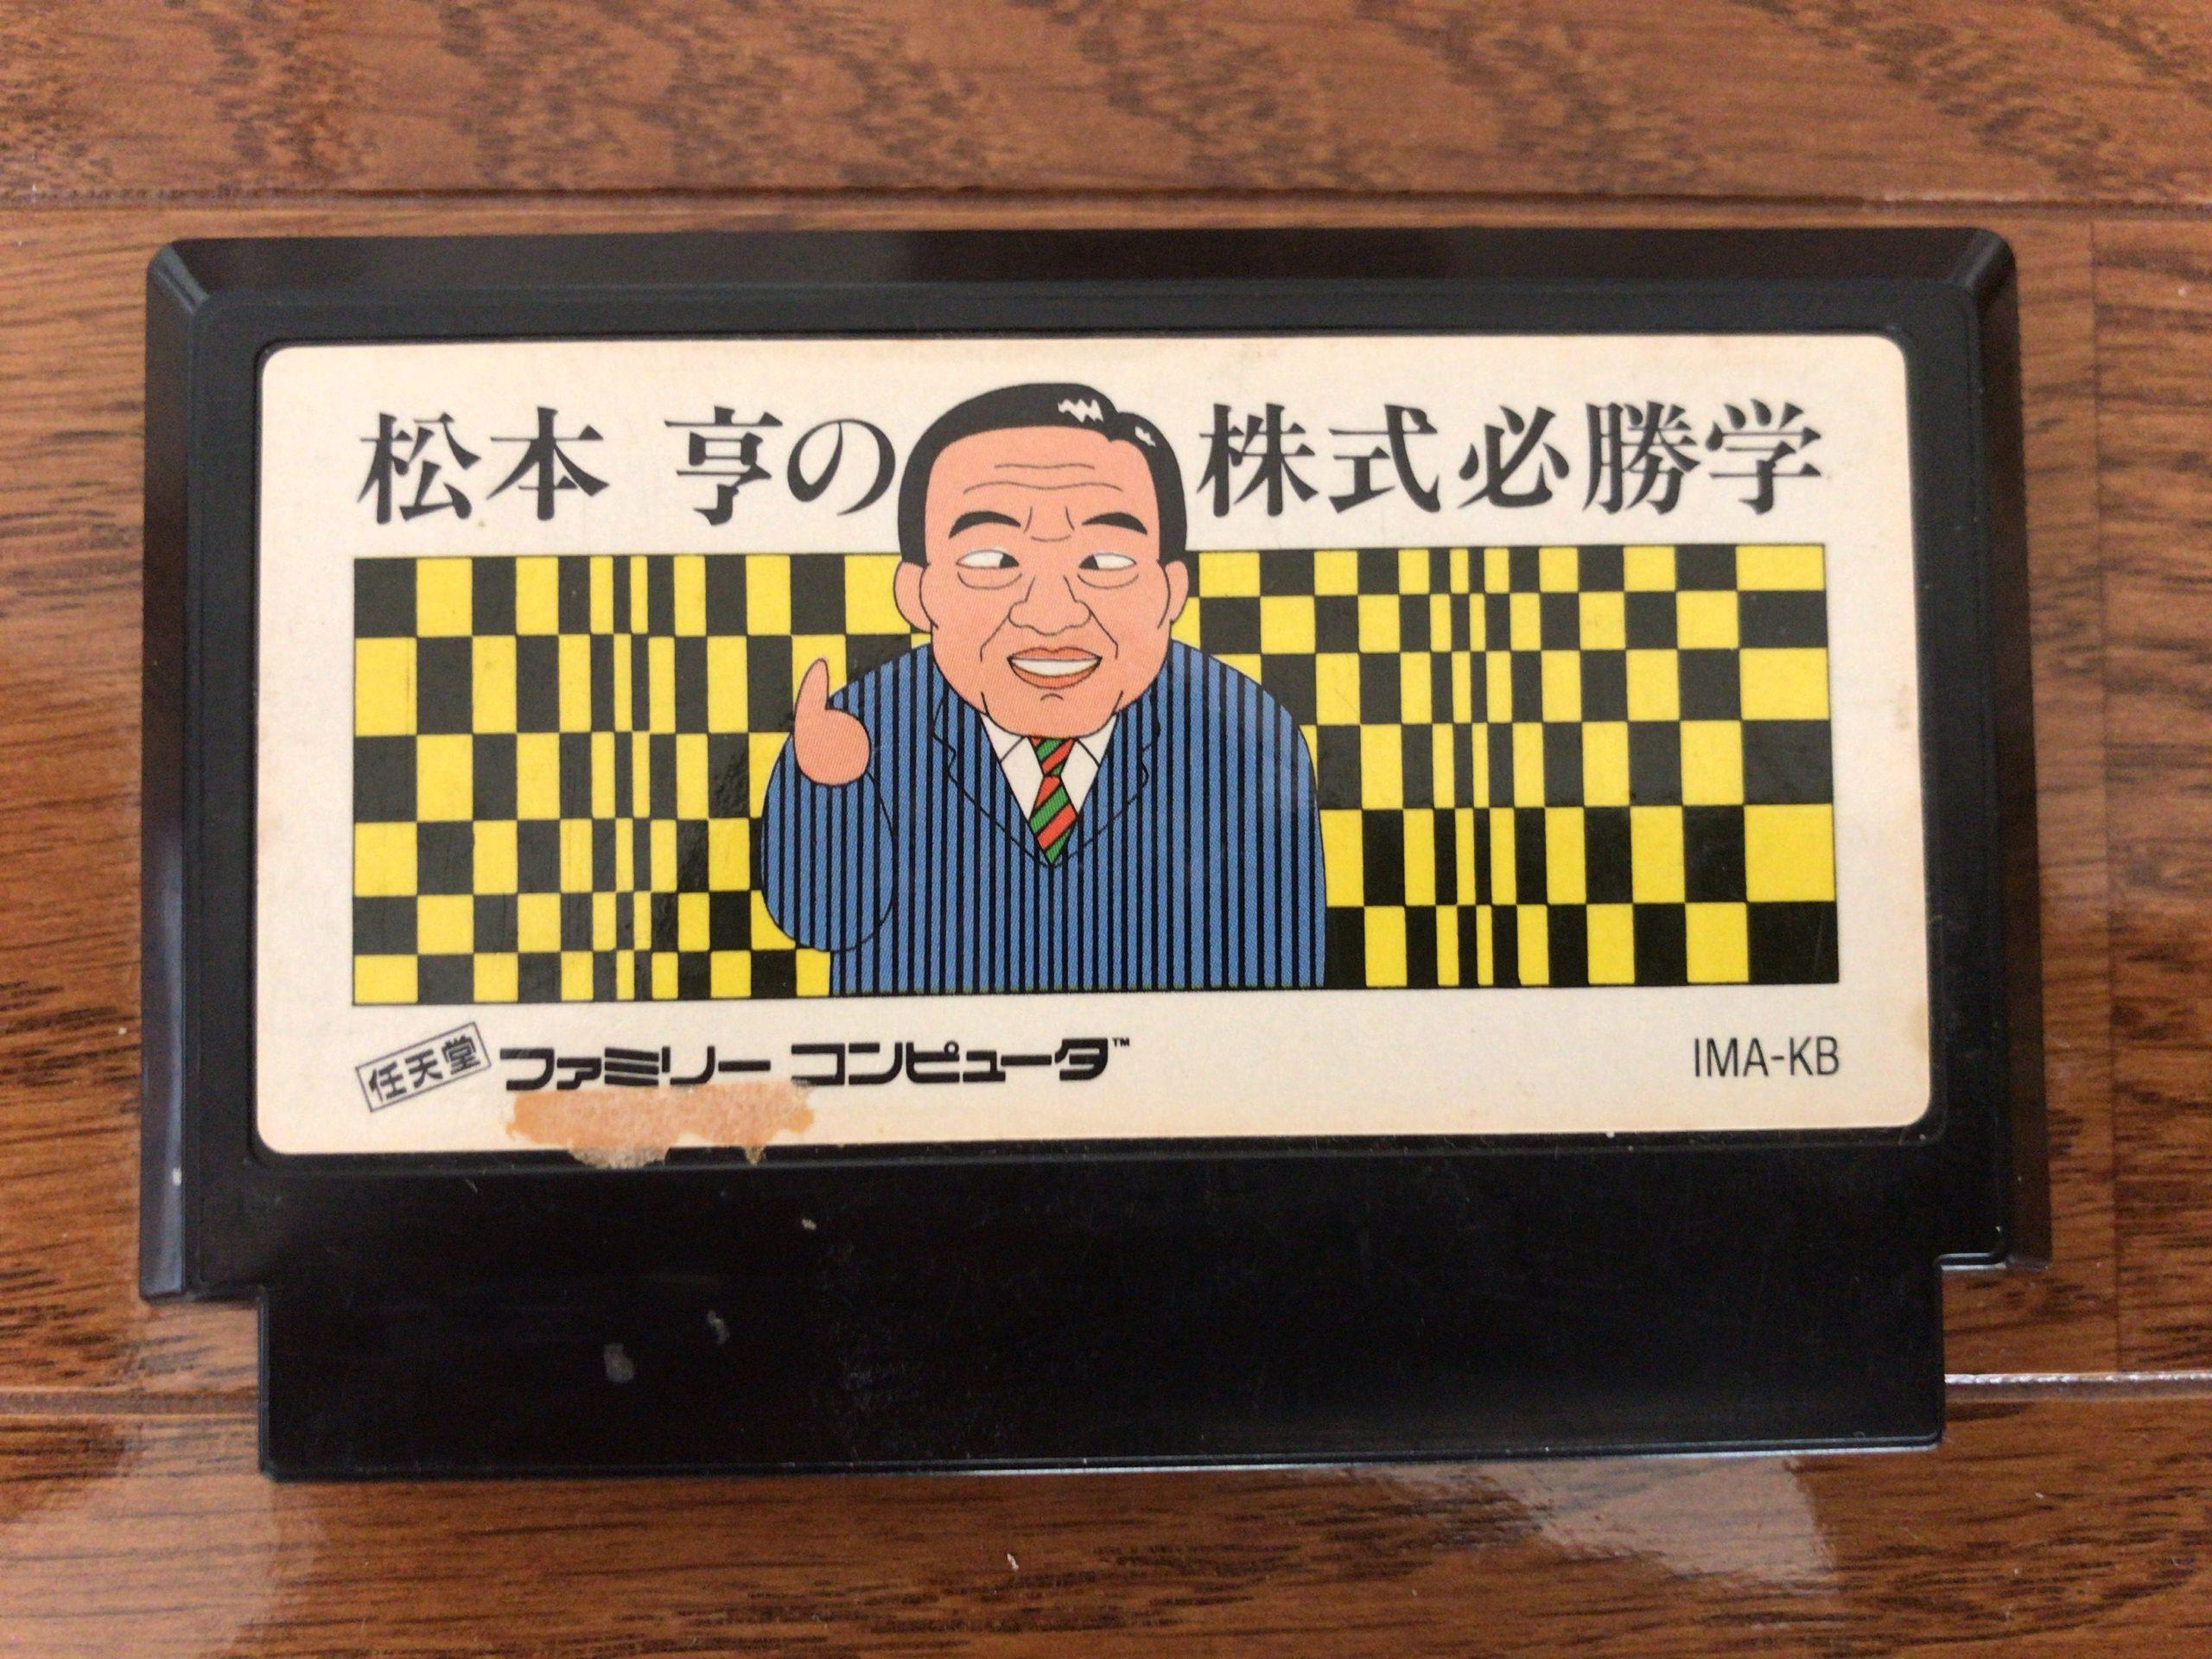 松本亨の株式必勝学のソフトを当時新品で9割引きの980円で購入した